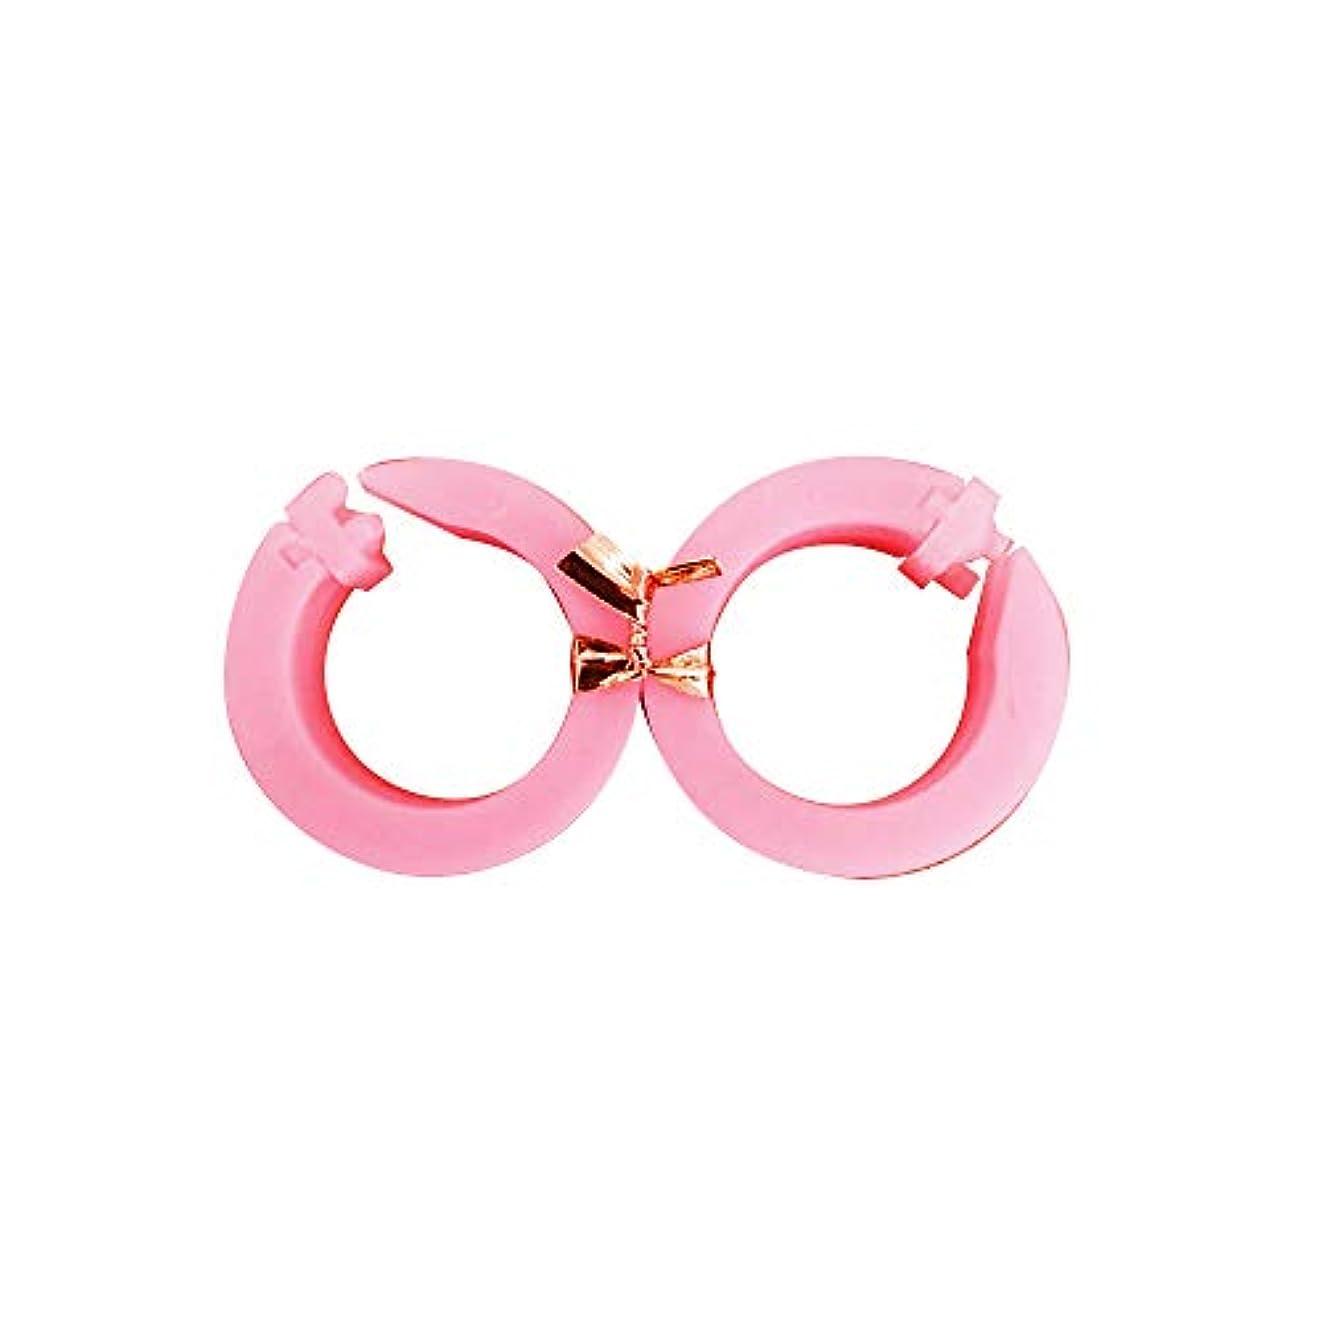 。反毒トラクター【サフランフィールド】 耳つぼ ダイエットリング 美容 耳つぼ美人 ピンク